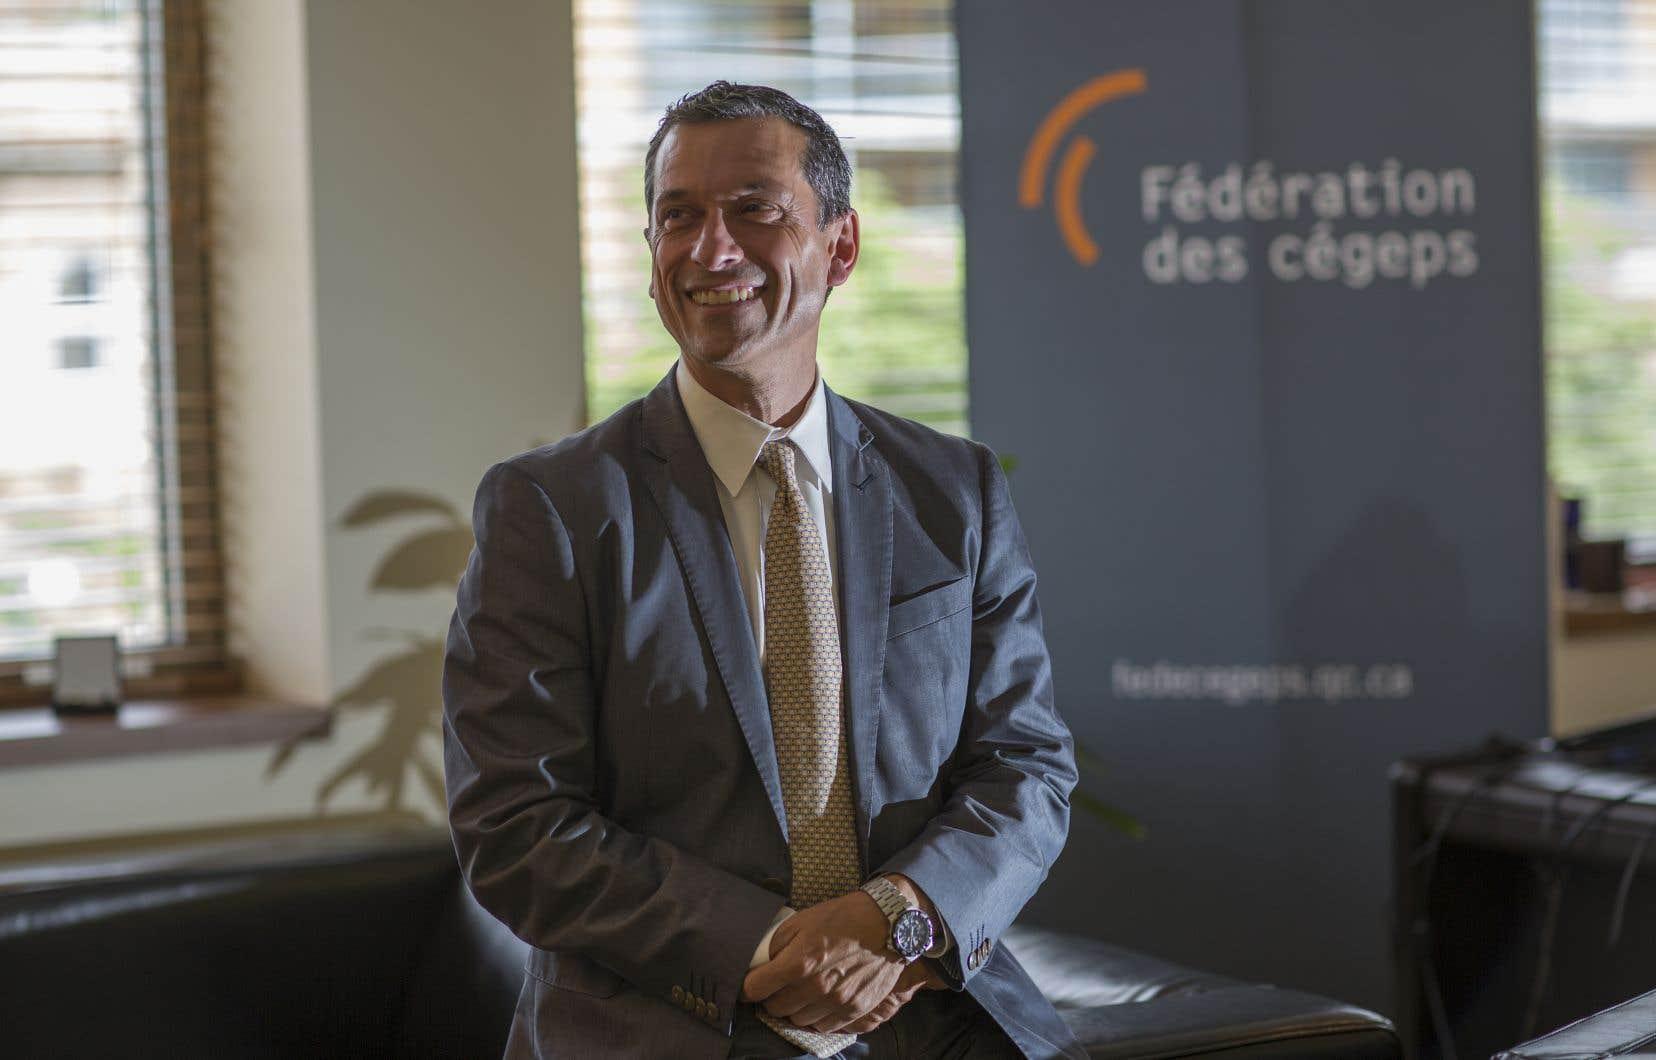 «C'est un projet que je trouve emballant», a déclaré lundi le président de la Fédération des cégeps, Bernard Tremblay.